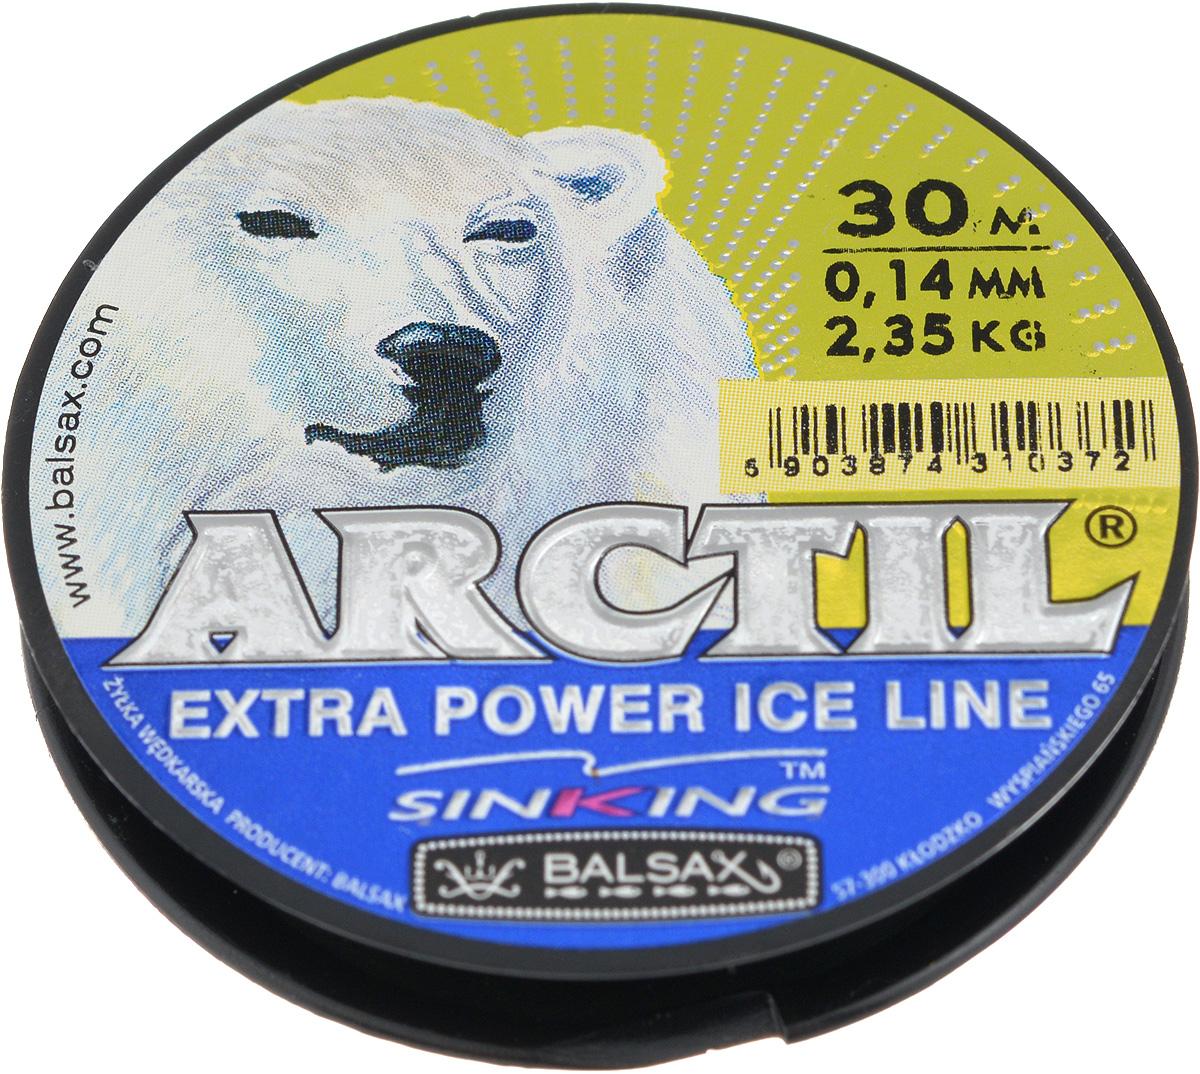 Леска зимняя Balsax Arctil, 30 м, 0,14 мм, 2,35 кг59284Леска Balsax Arctil изготовлена из 100% нейлона и очень хорошо выдерживает низкие температуры. Даже в самом холодном климате, при температуре вплоть до -40°C, она сохраняет свои свойства практически без изменений, в то время как традиционные лески становятся менее эластичными и теряют прочность.Поверхность лески обработана таким образом, что она не обмерзает и отлично подходит для подледного лова. Прочна в местах вязки узлов даже при минимальном диаметре.